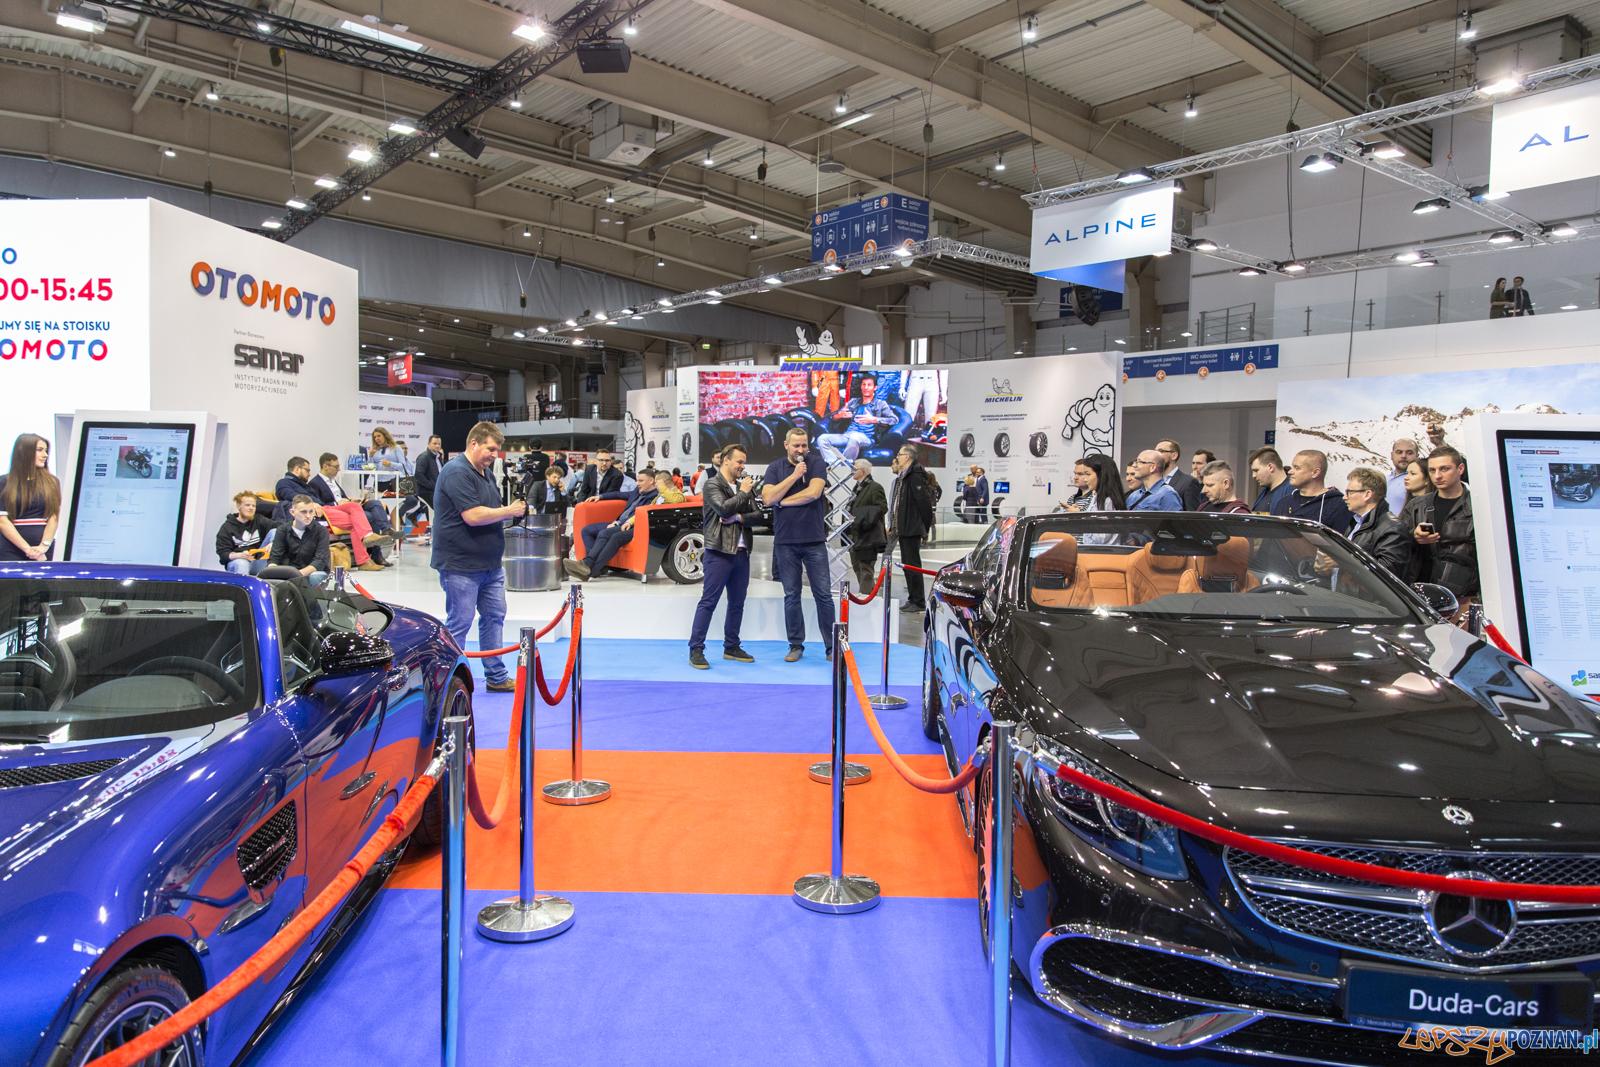 Poznań Motor Show 2019 - Poznań MTP 28.03.2019 r.  Foto: LepszyPOZNAN.pl / Paweł Rychter